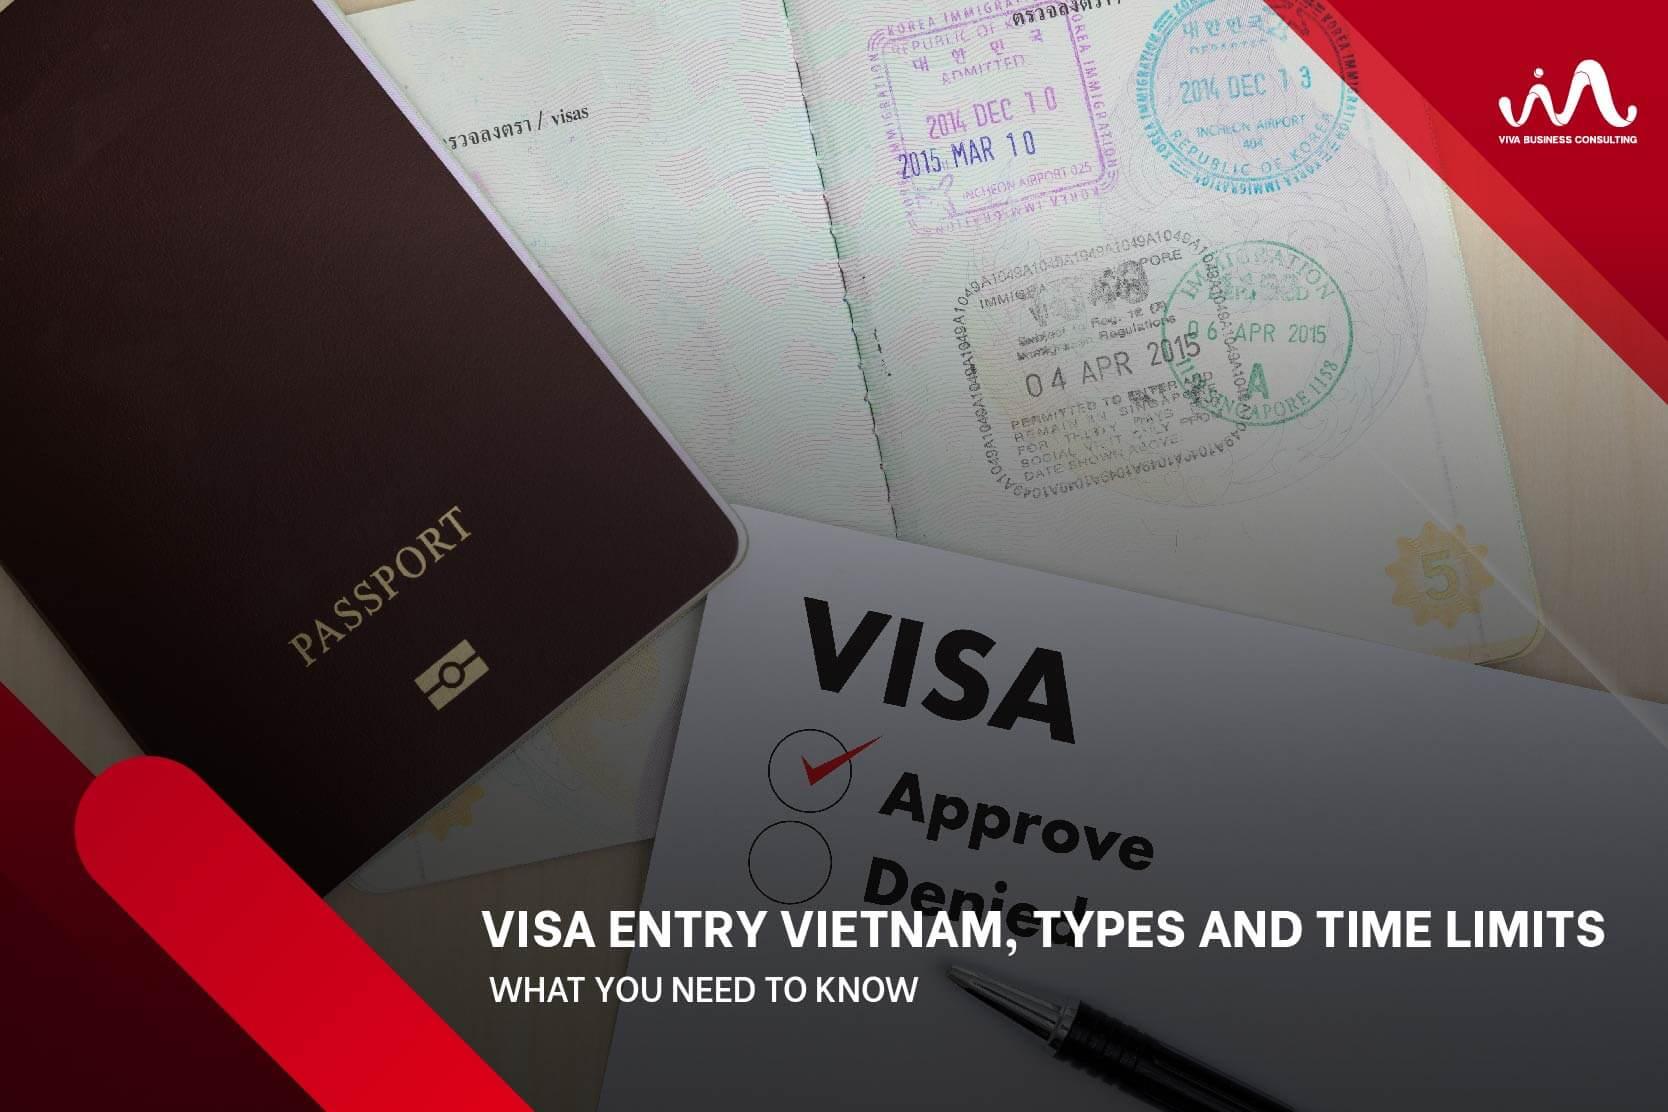 Visa entry Vietnam